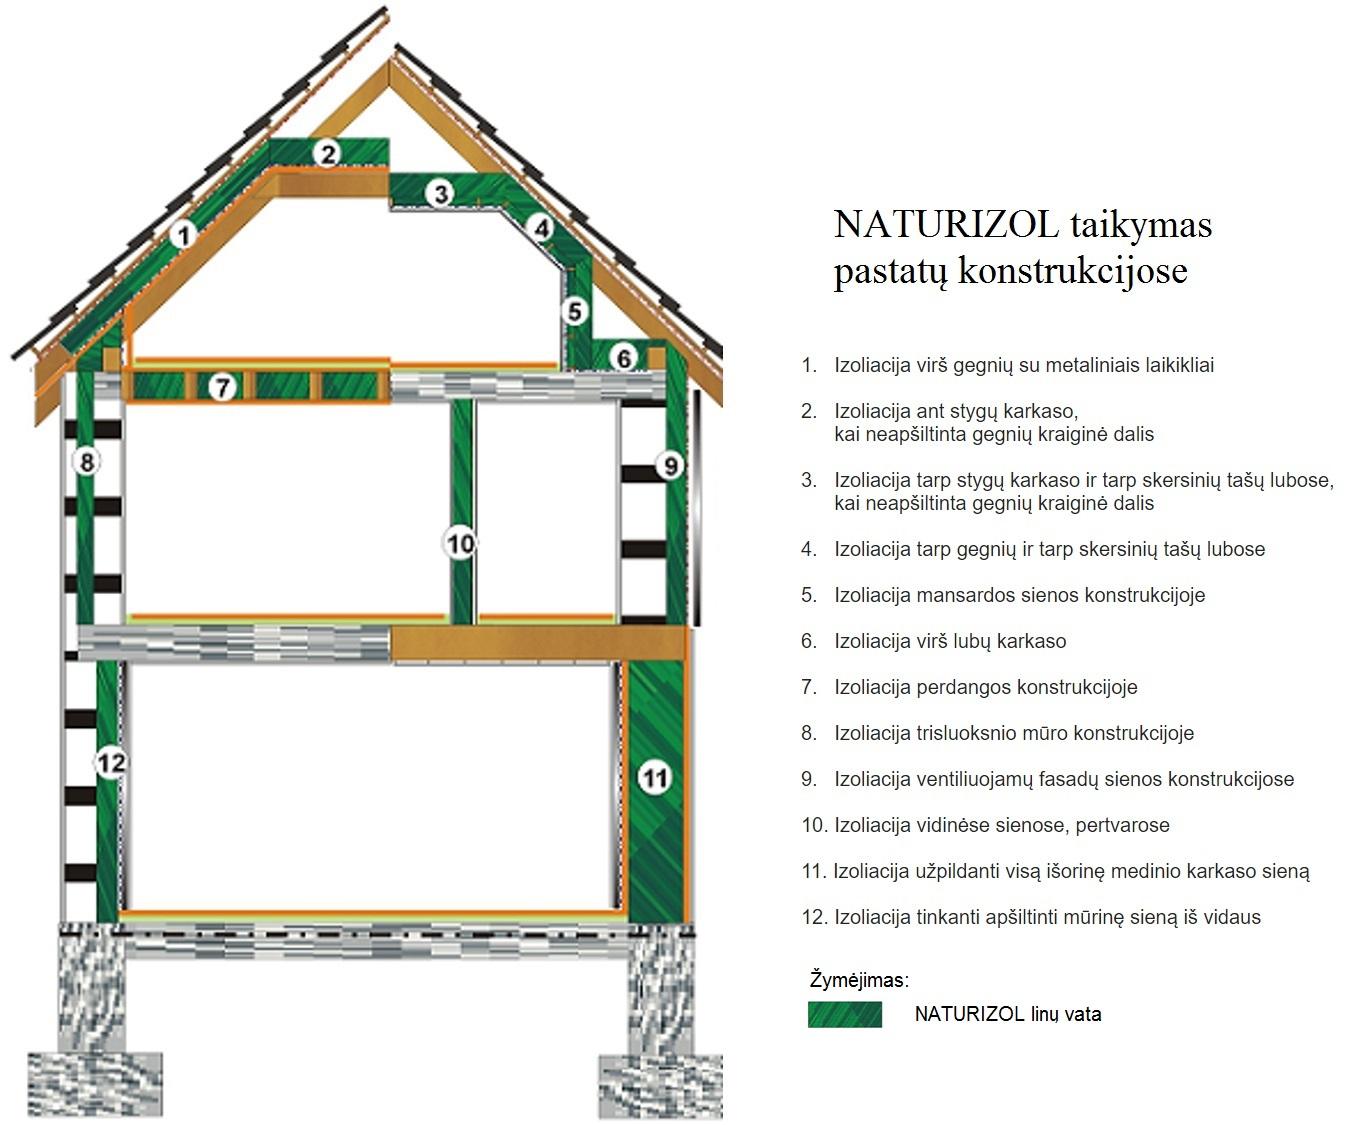 naturizol-taikymas-1